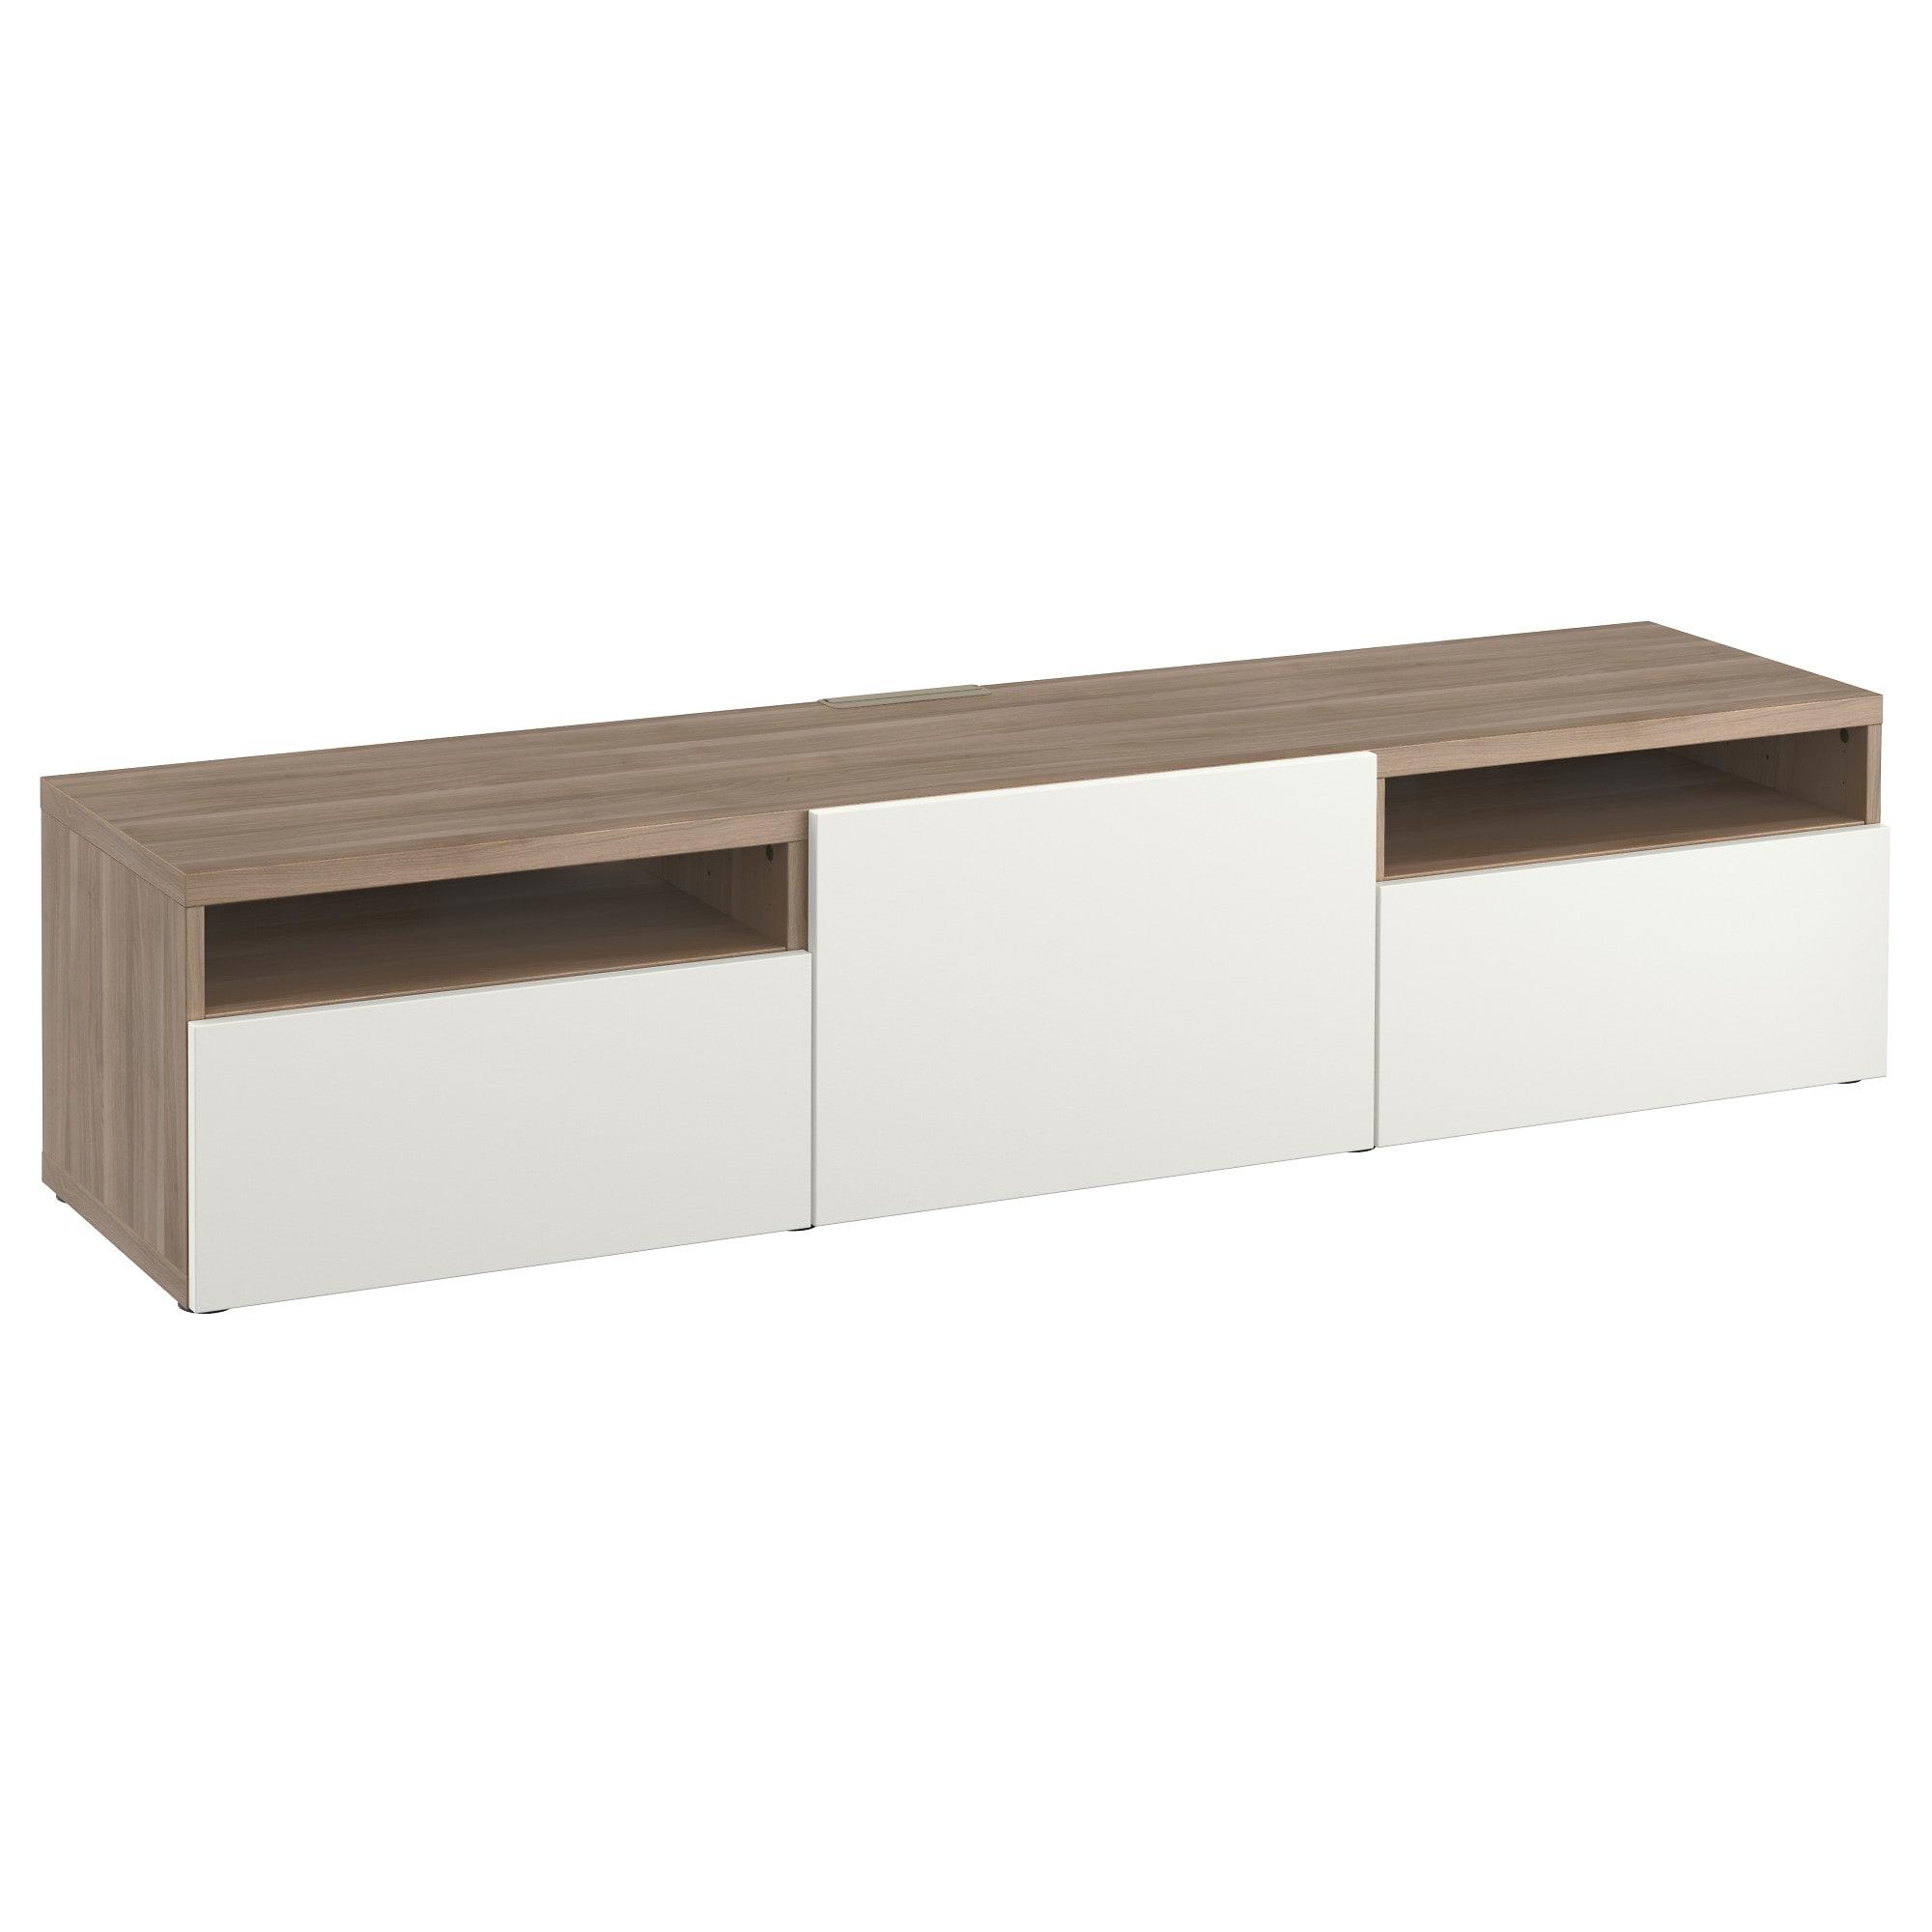 Mueble Tv Estrecho Thdr Muebles De Tv Y Muebles Para El Salà N Pra Online Ikea